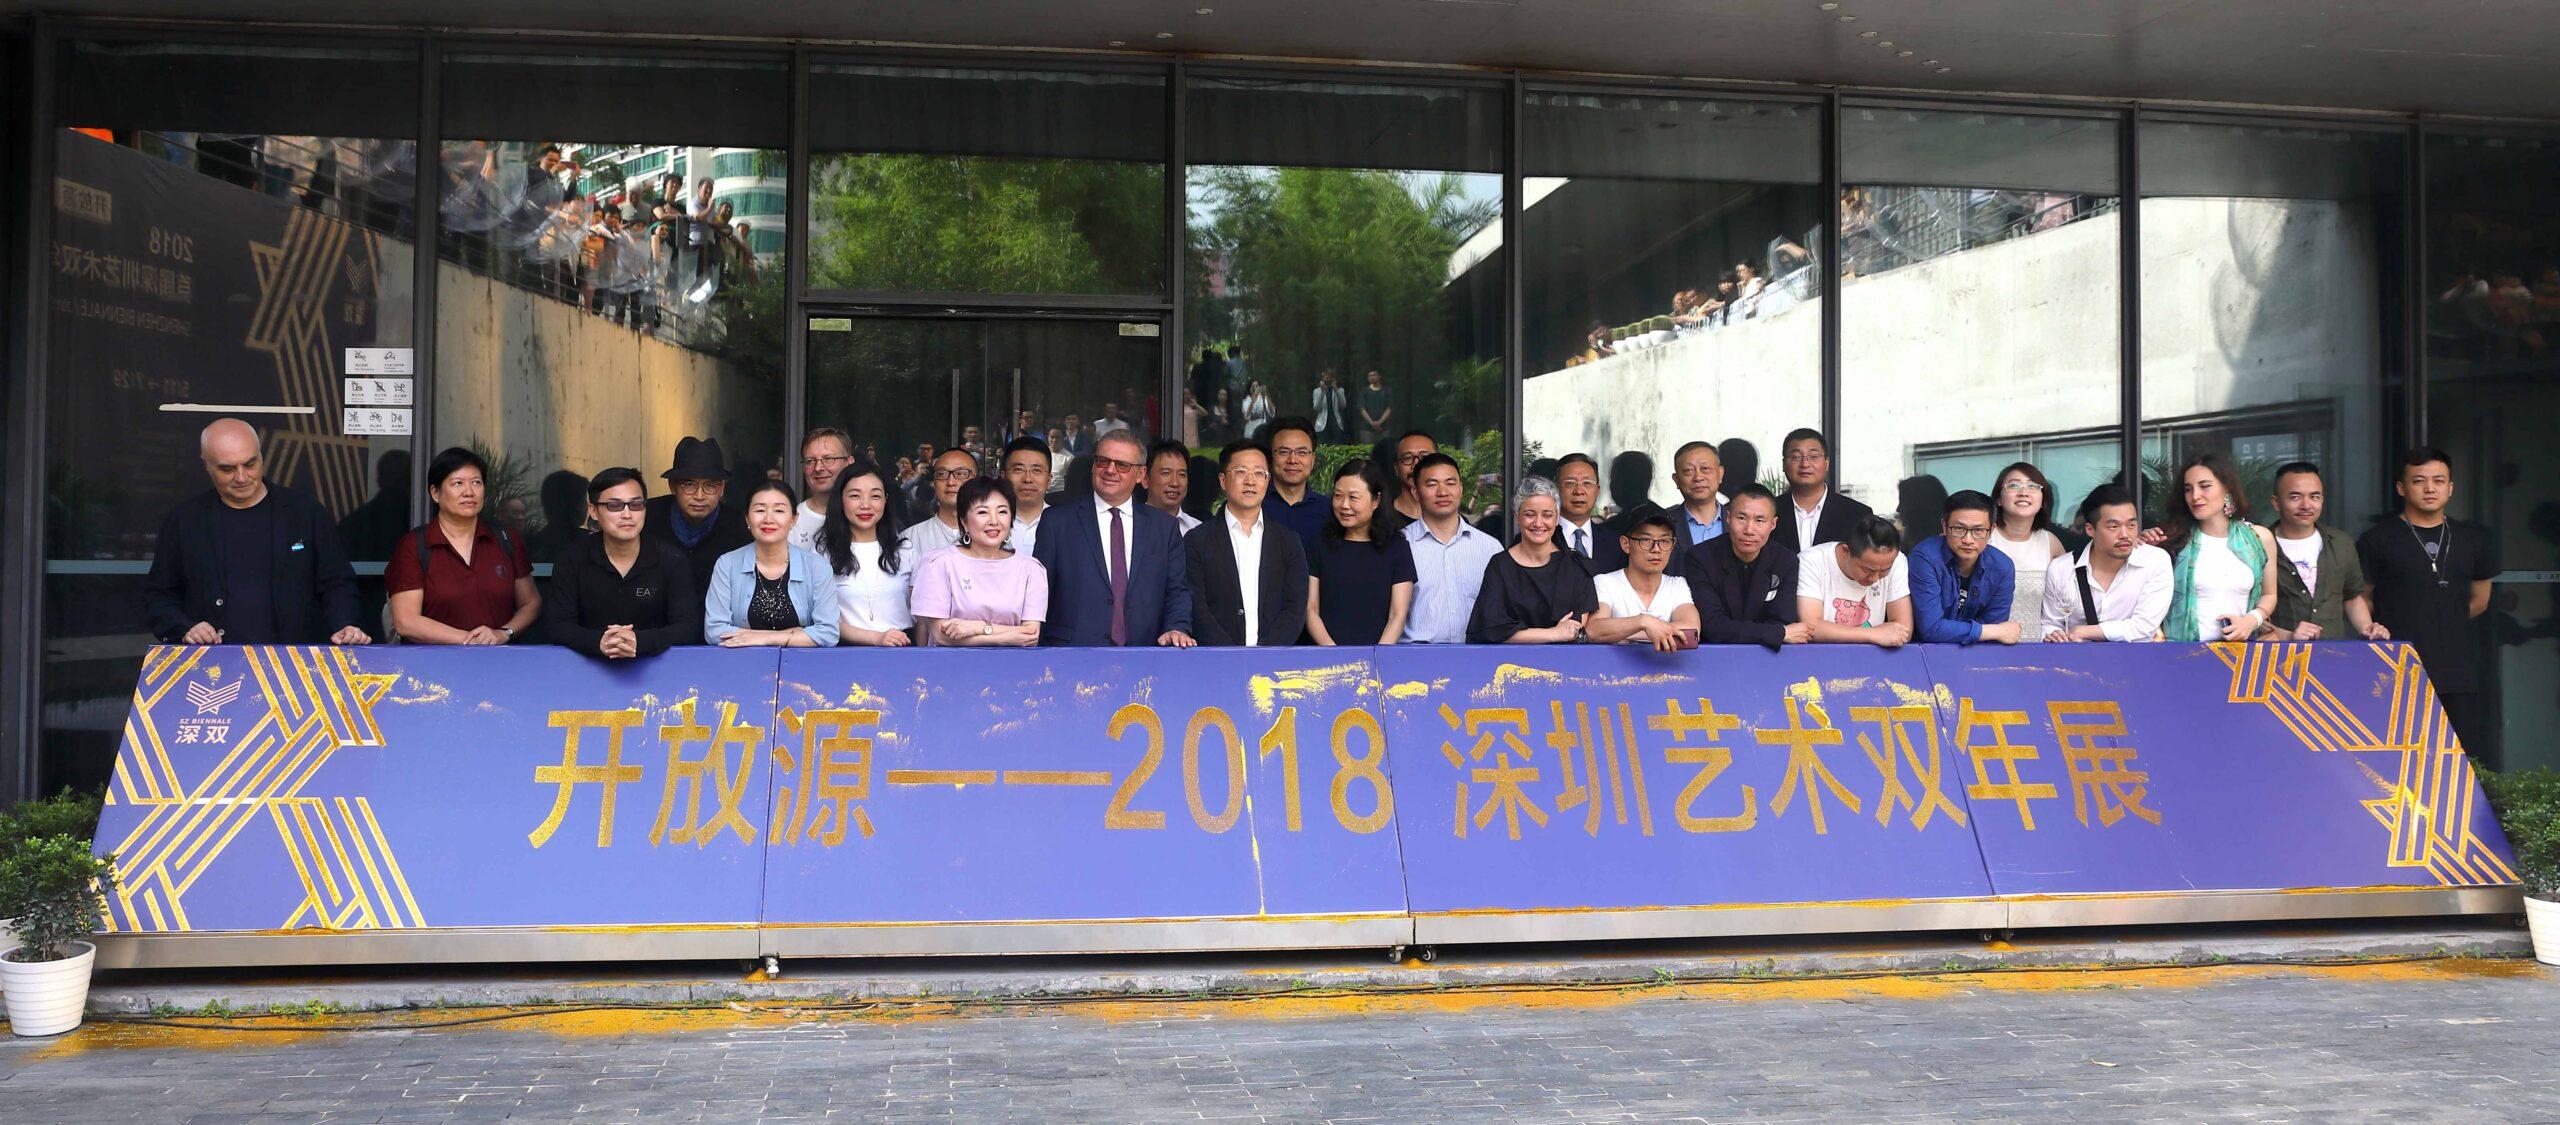 Shenzhen Biennale 2018 opening